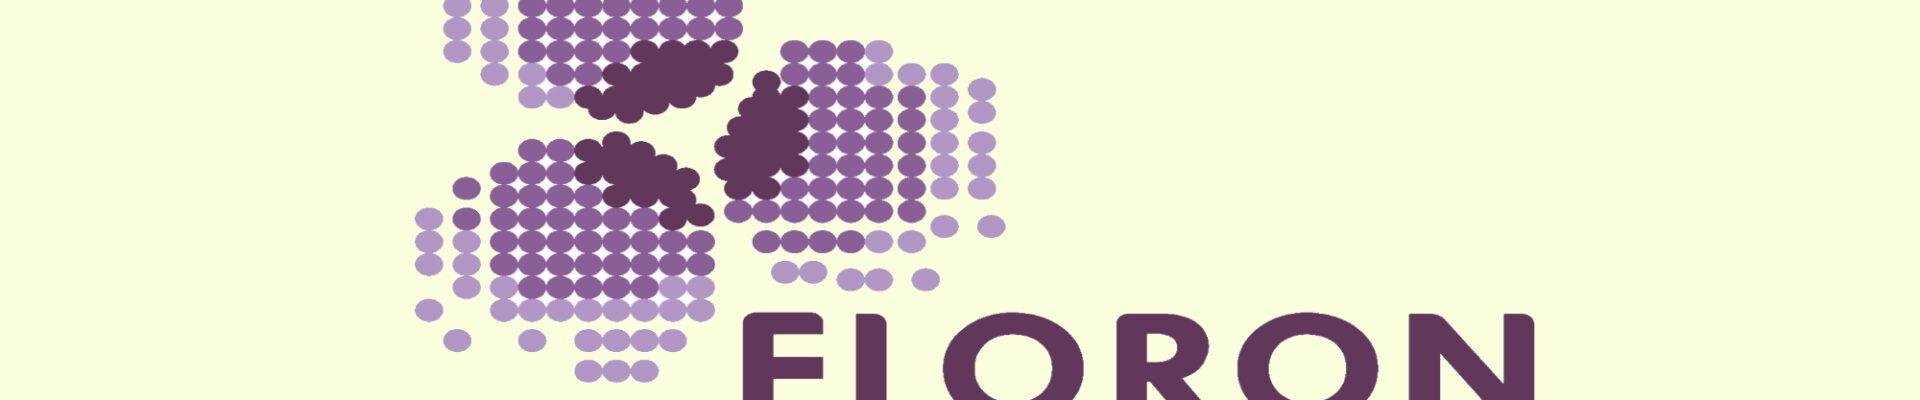 FLORON's Basiscursus Flora online